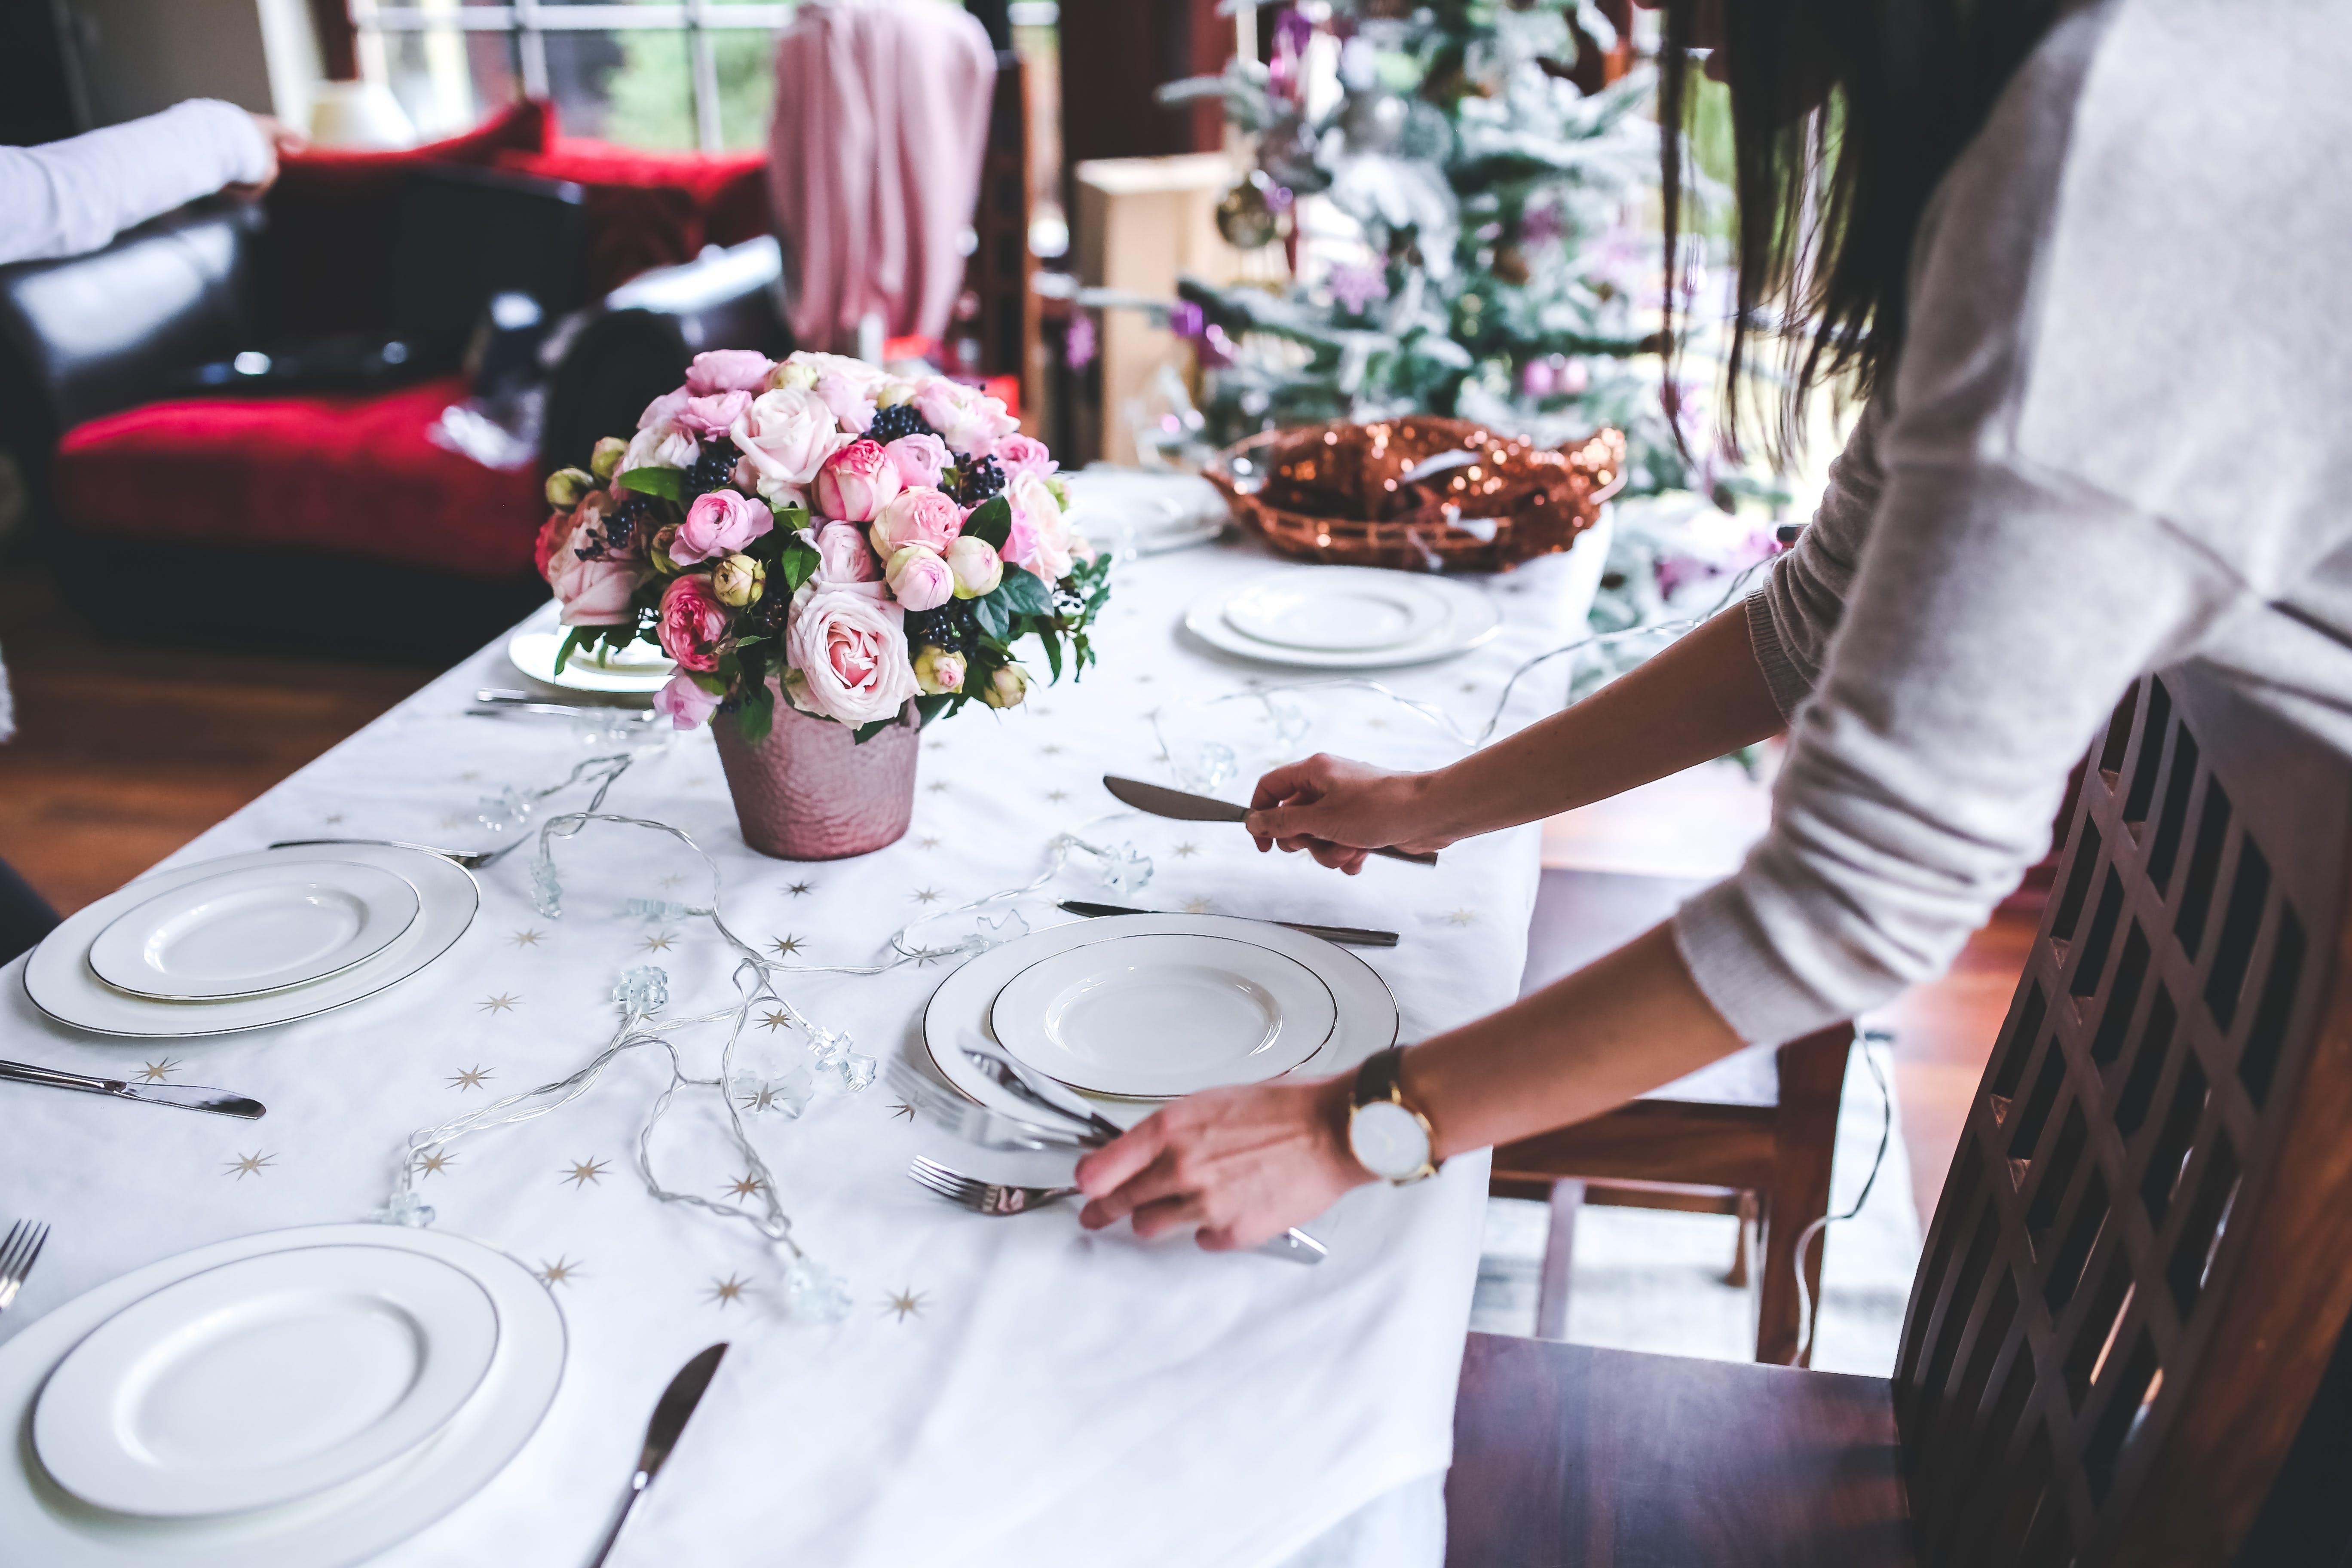 Gratis stockfoto met avondeten, bestek, bloem, bloemen